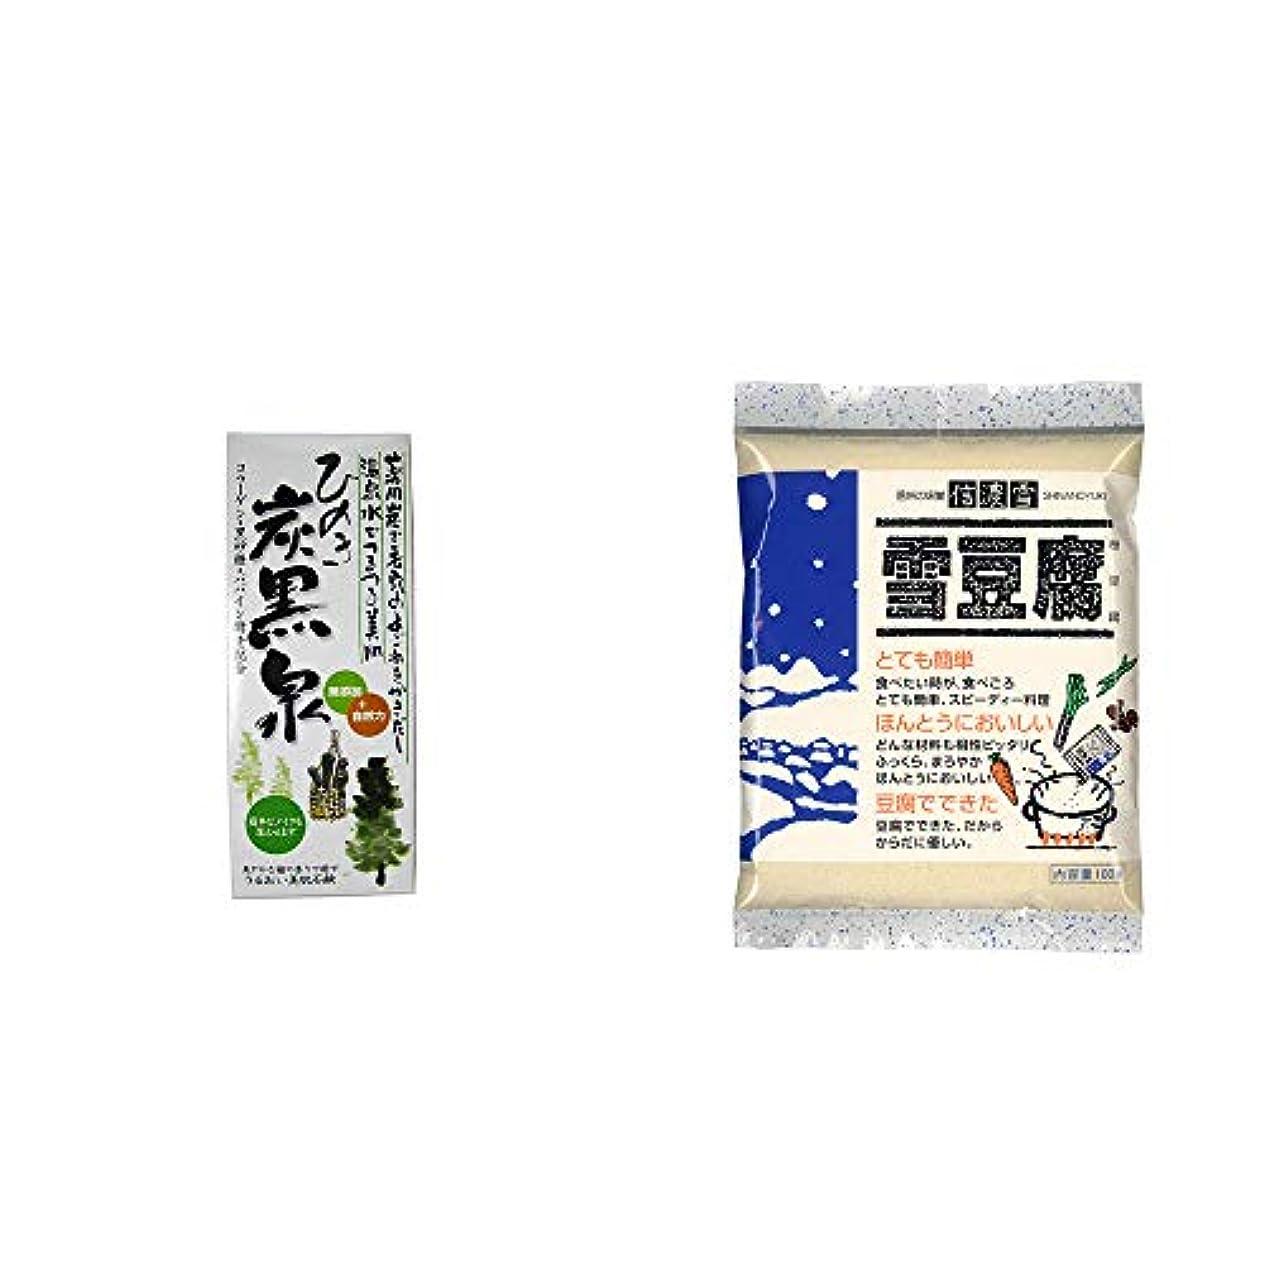 嫌いくま反対に[2点セット] ひのき炭黒泉 箱入り(75g×3)?信濃雪 雪豆腐(粉豆腐)(100g)